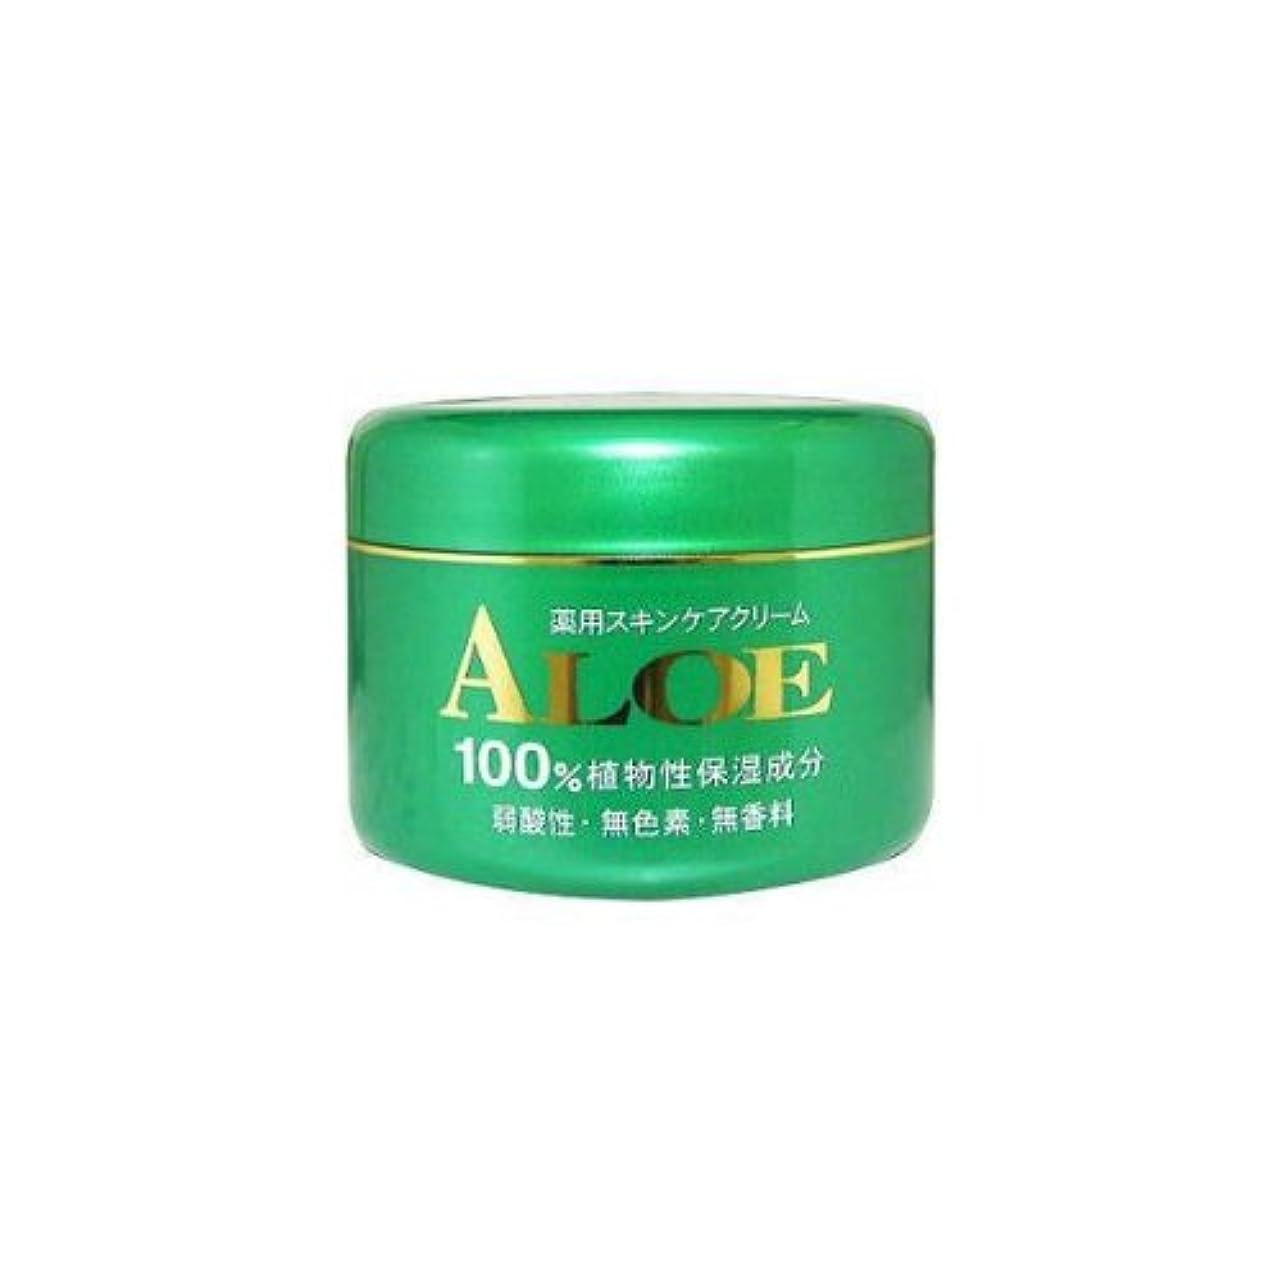 リッチヒューマニスティック更新アロエ薬用スキンケアクリーム185g